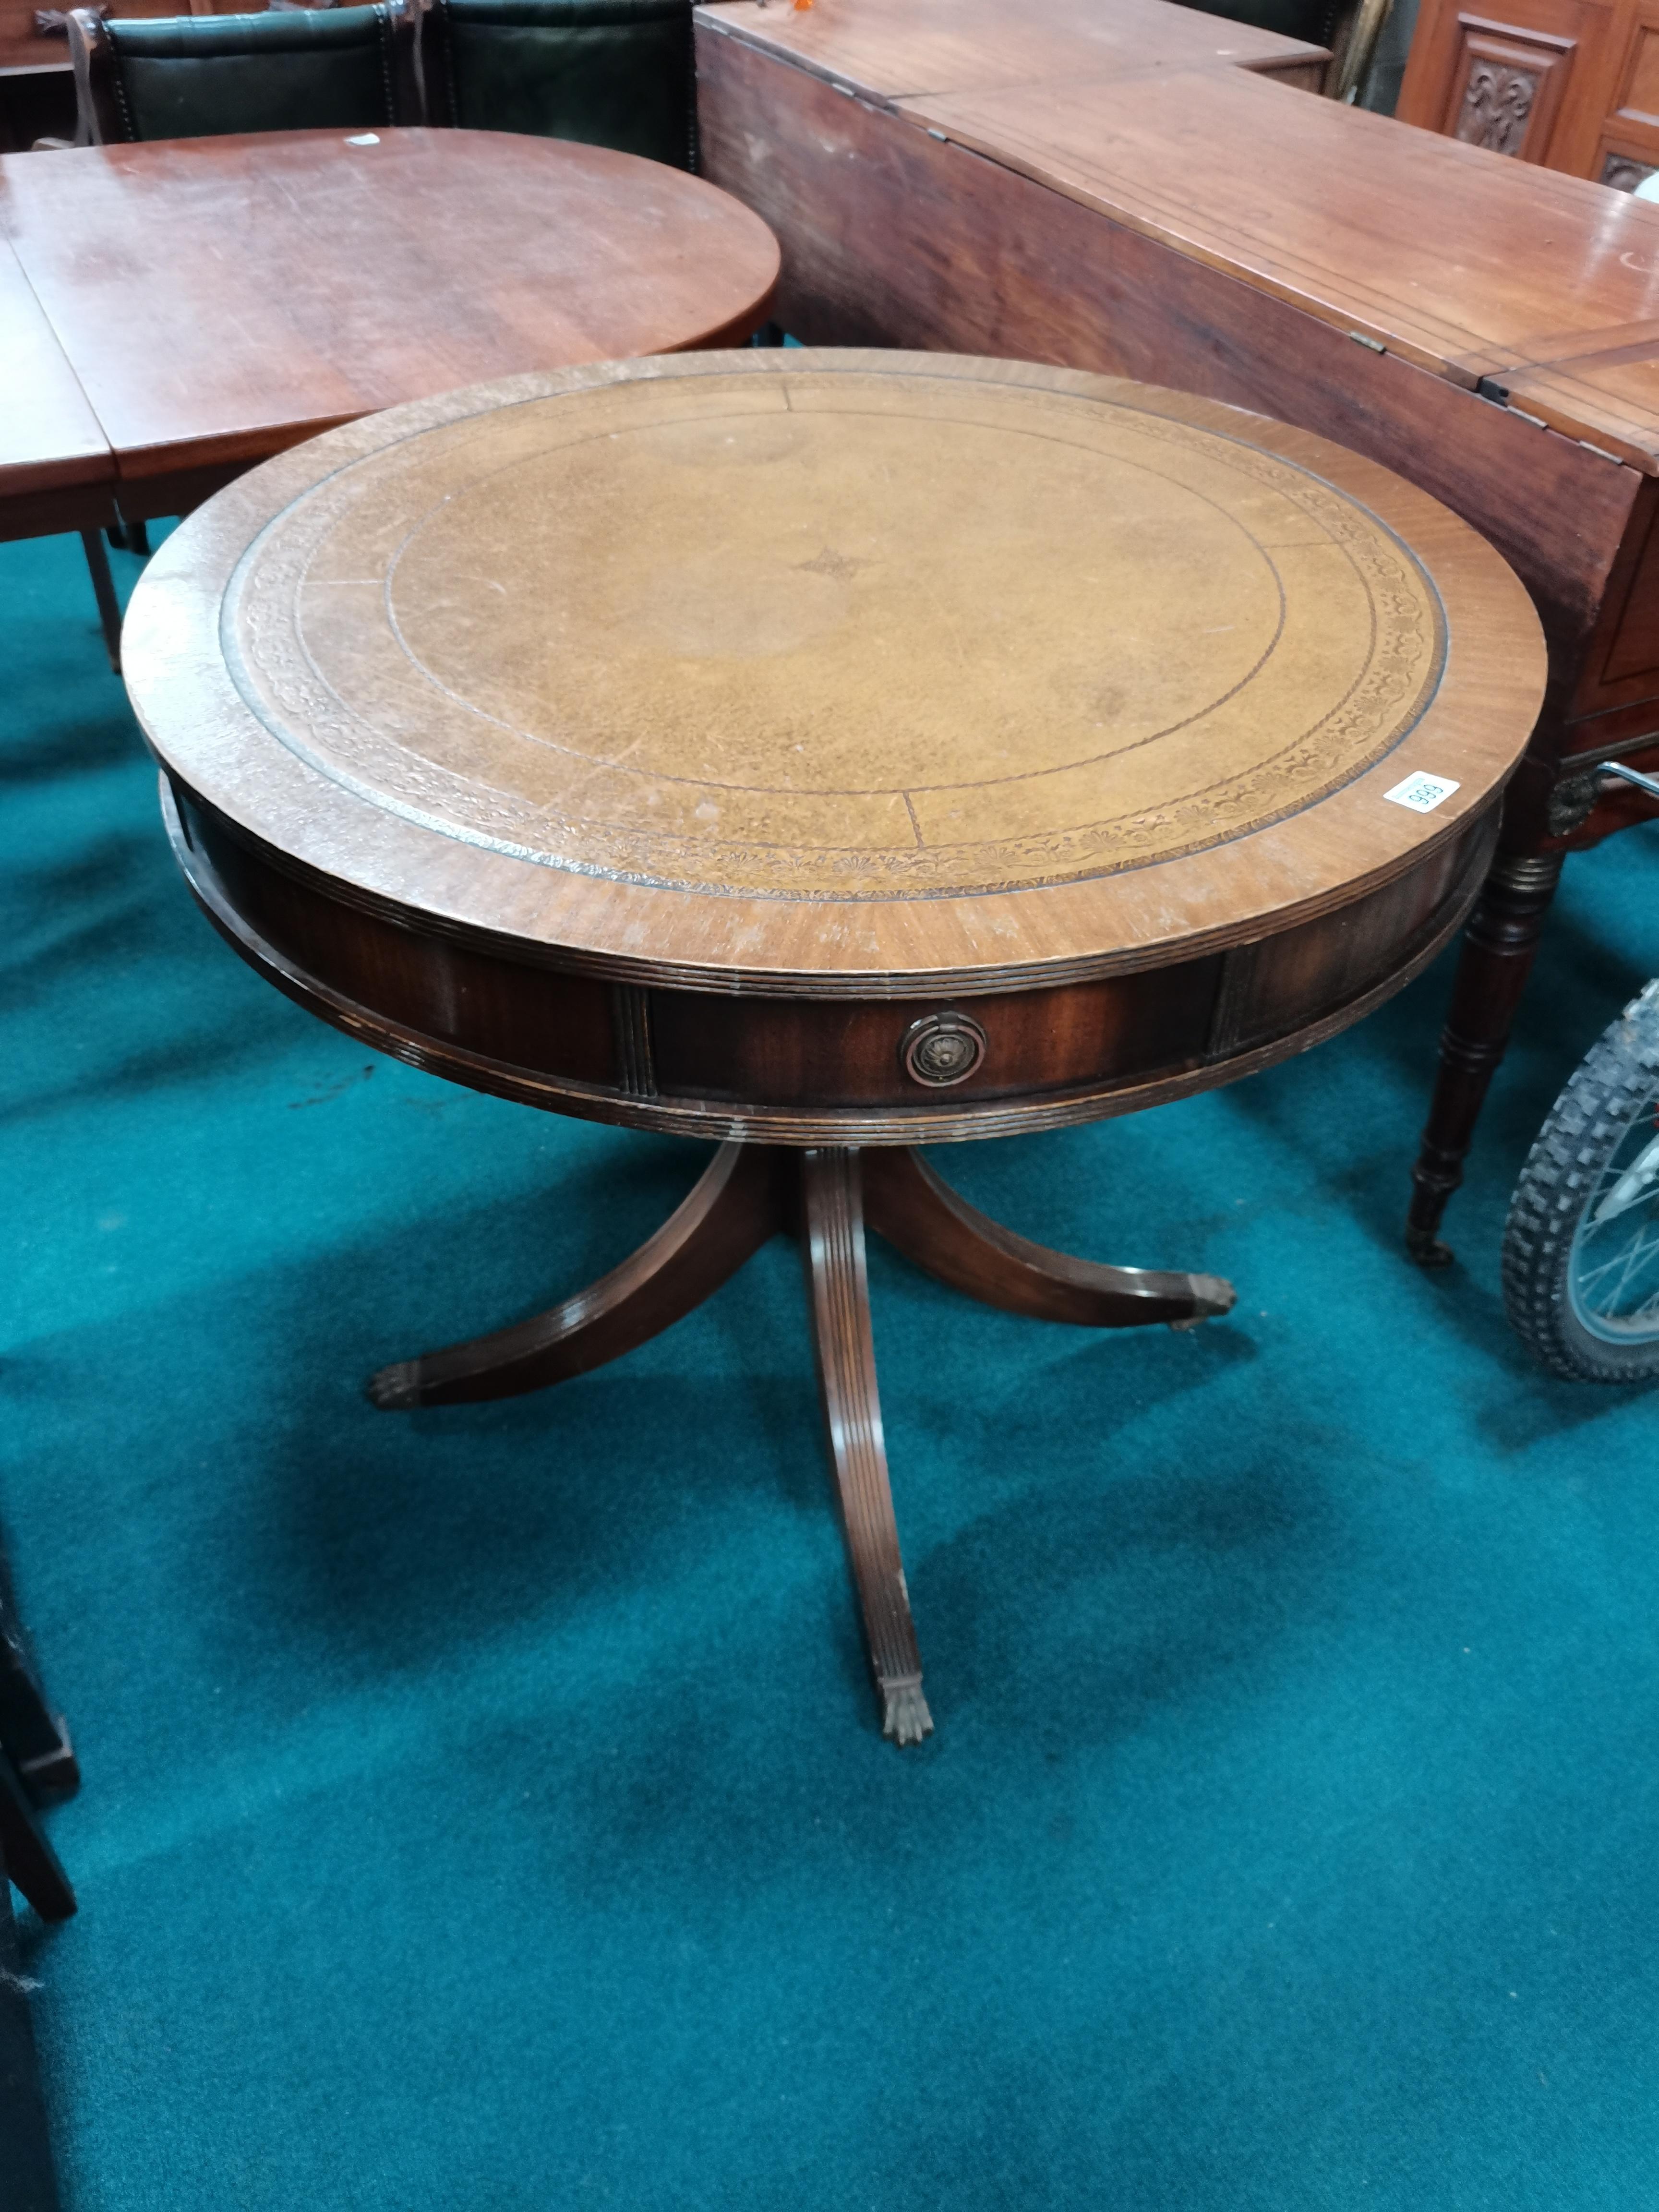 90cm diameter rent table